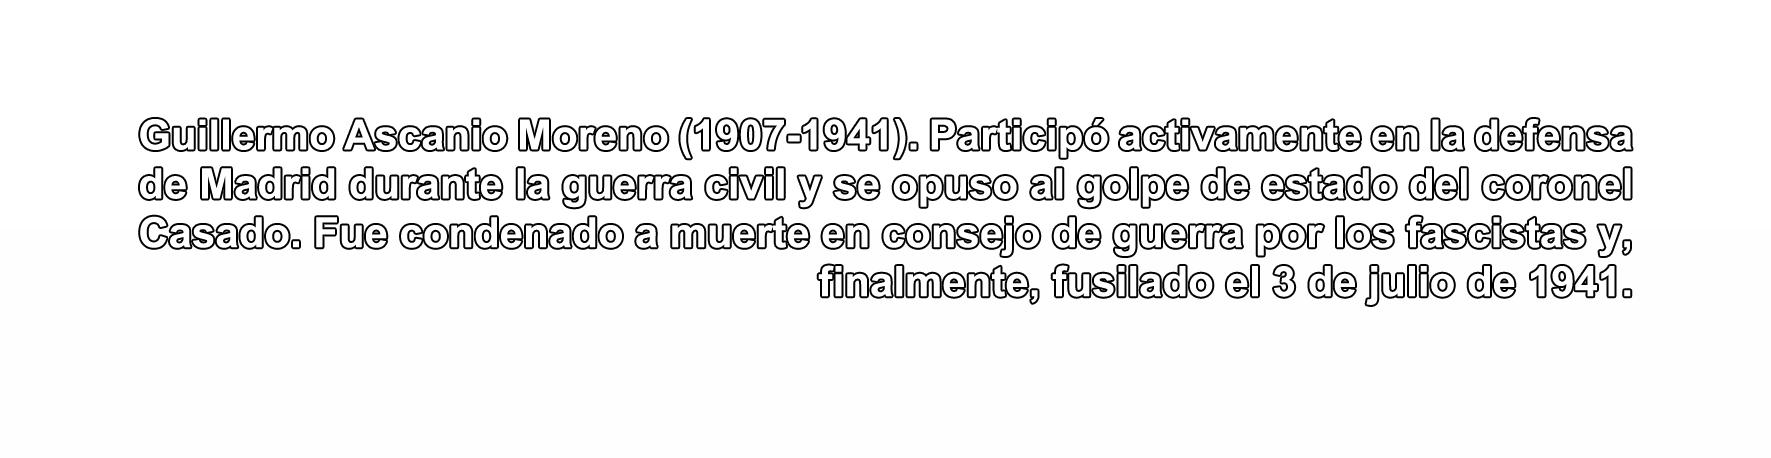 Los comunistas canarios y la cuestión nacional - fragmento de un artículo de Guillermo Ascanio Moreno publicado en el semanario comunista Espartaco - año 1933 Guillermo-Ascanio-Moreno